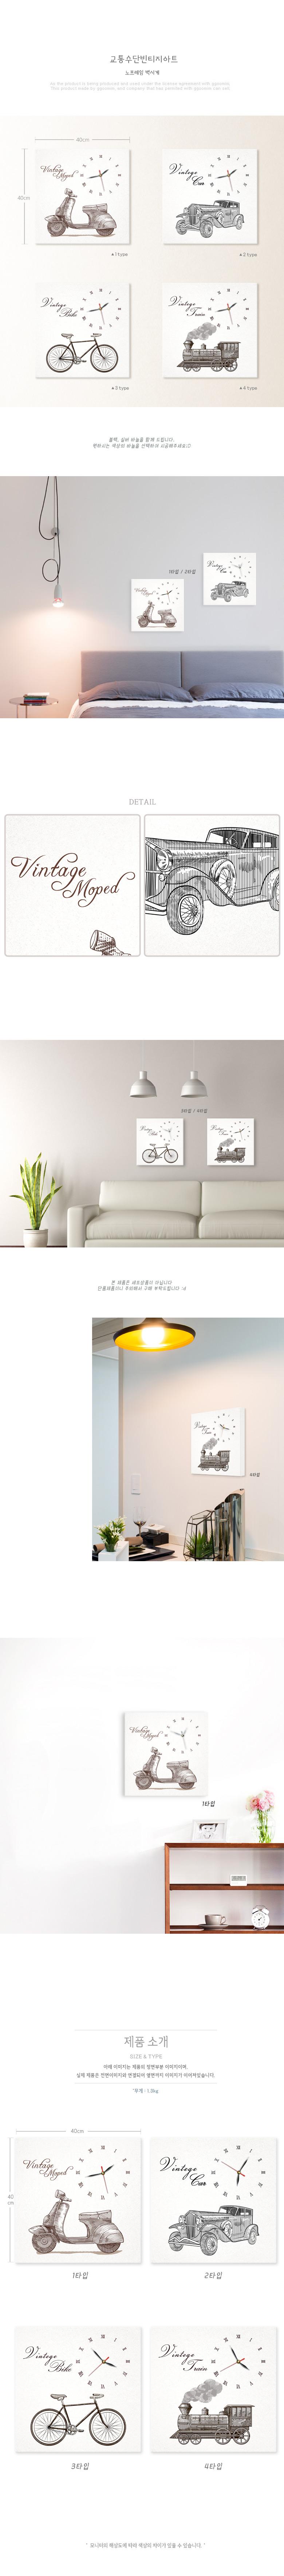 it070-교통수단빈티지아트 노프레임벽시계 - 꾸밈, 25,900원, 벽시계, 디자인벽시계